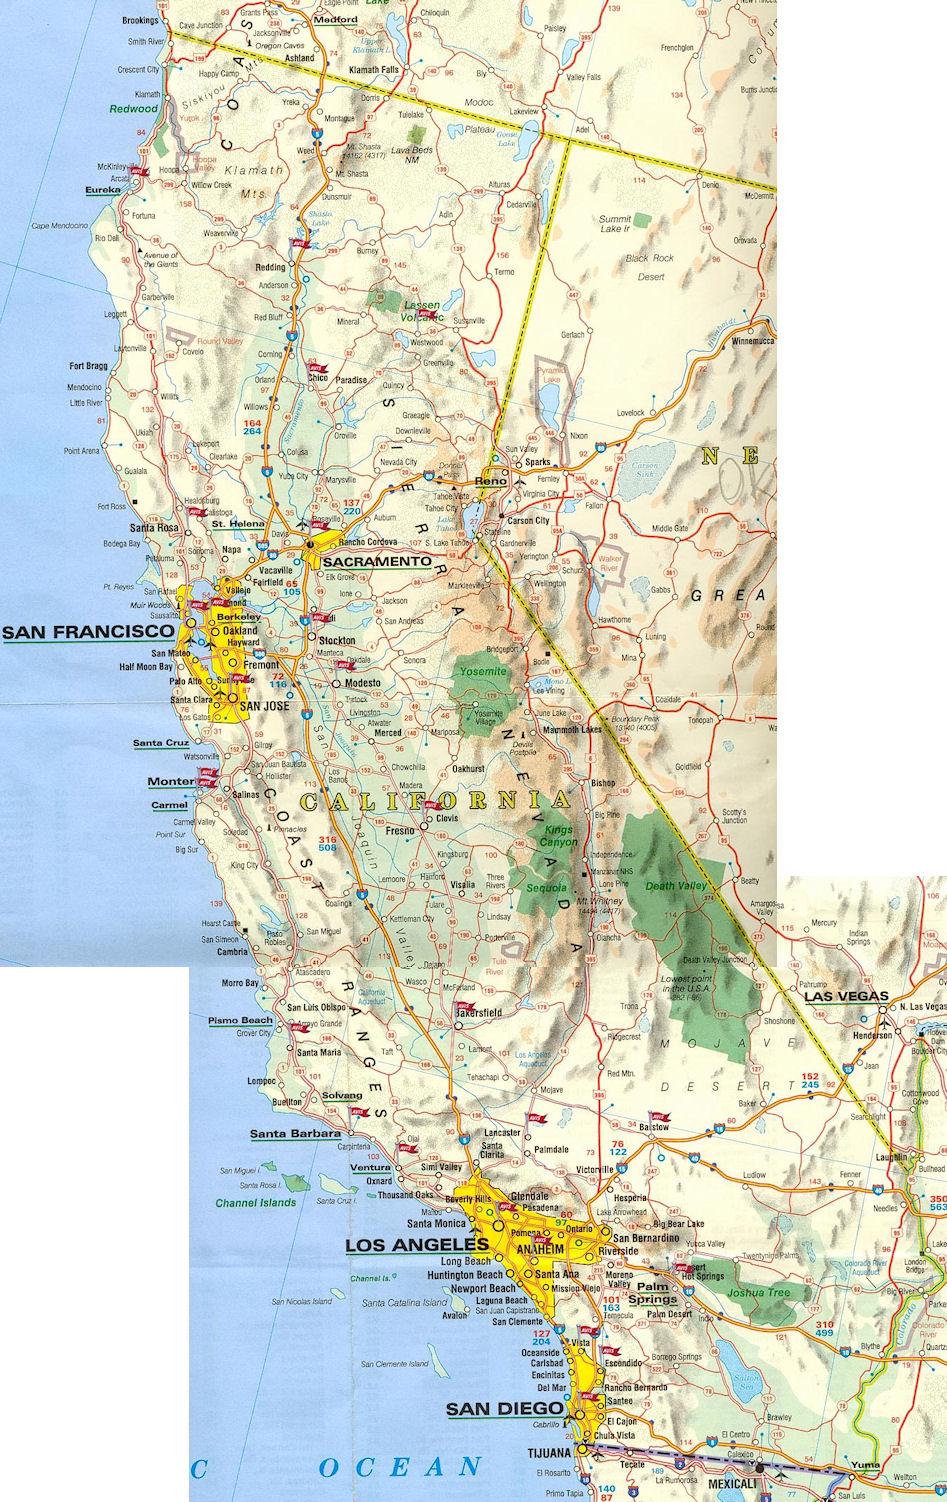 Carte Routiere Usa Cote Ouest.Carte Routiere Californie